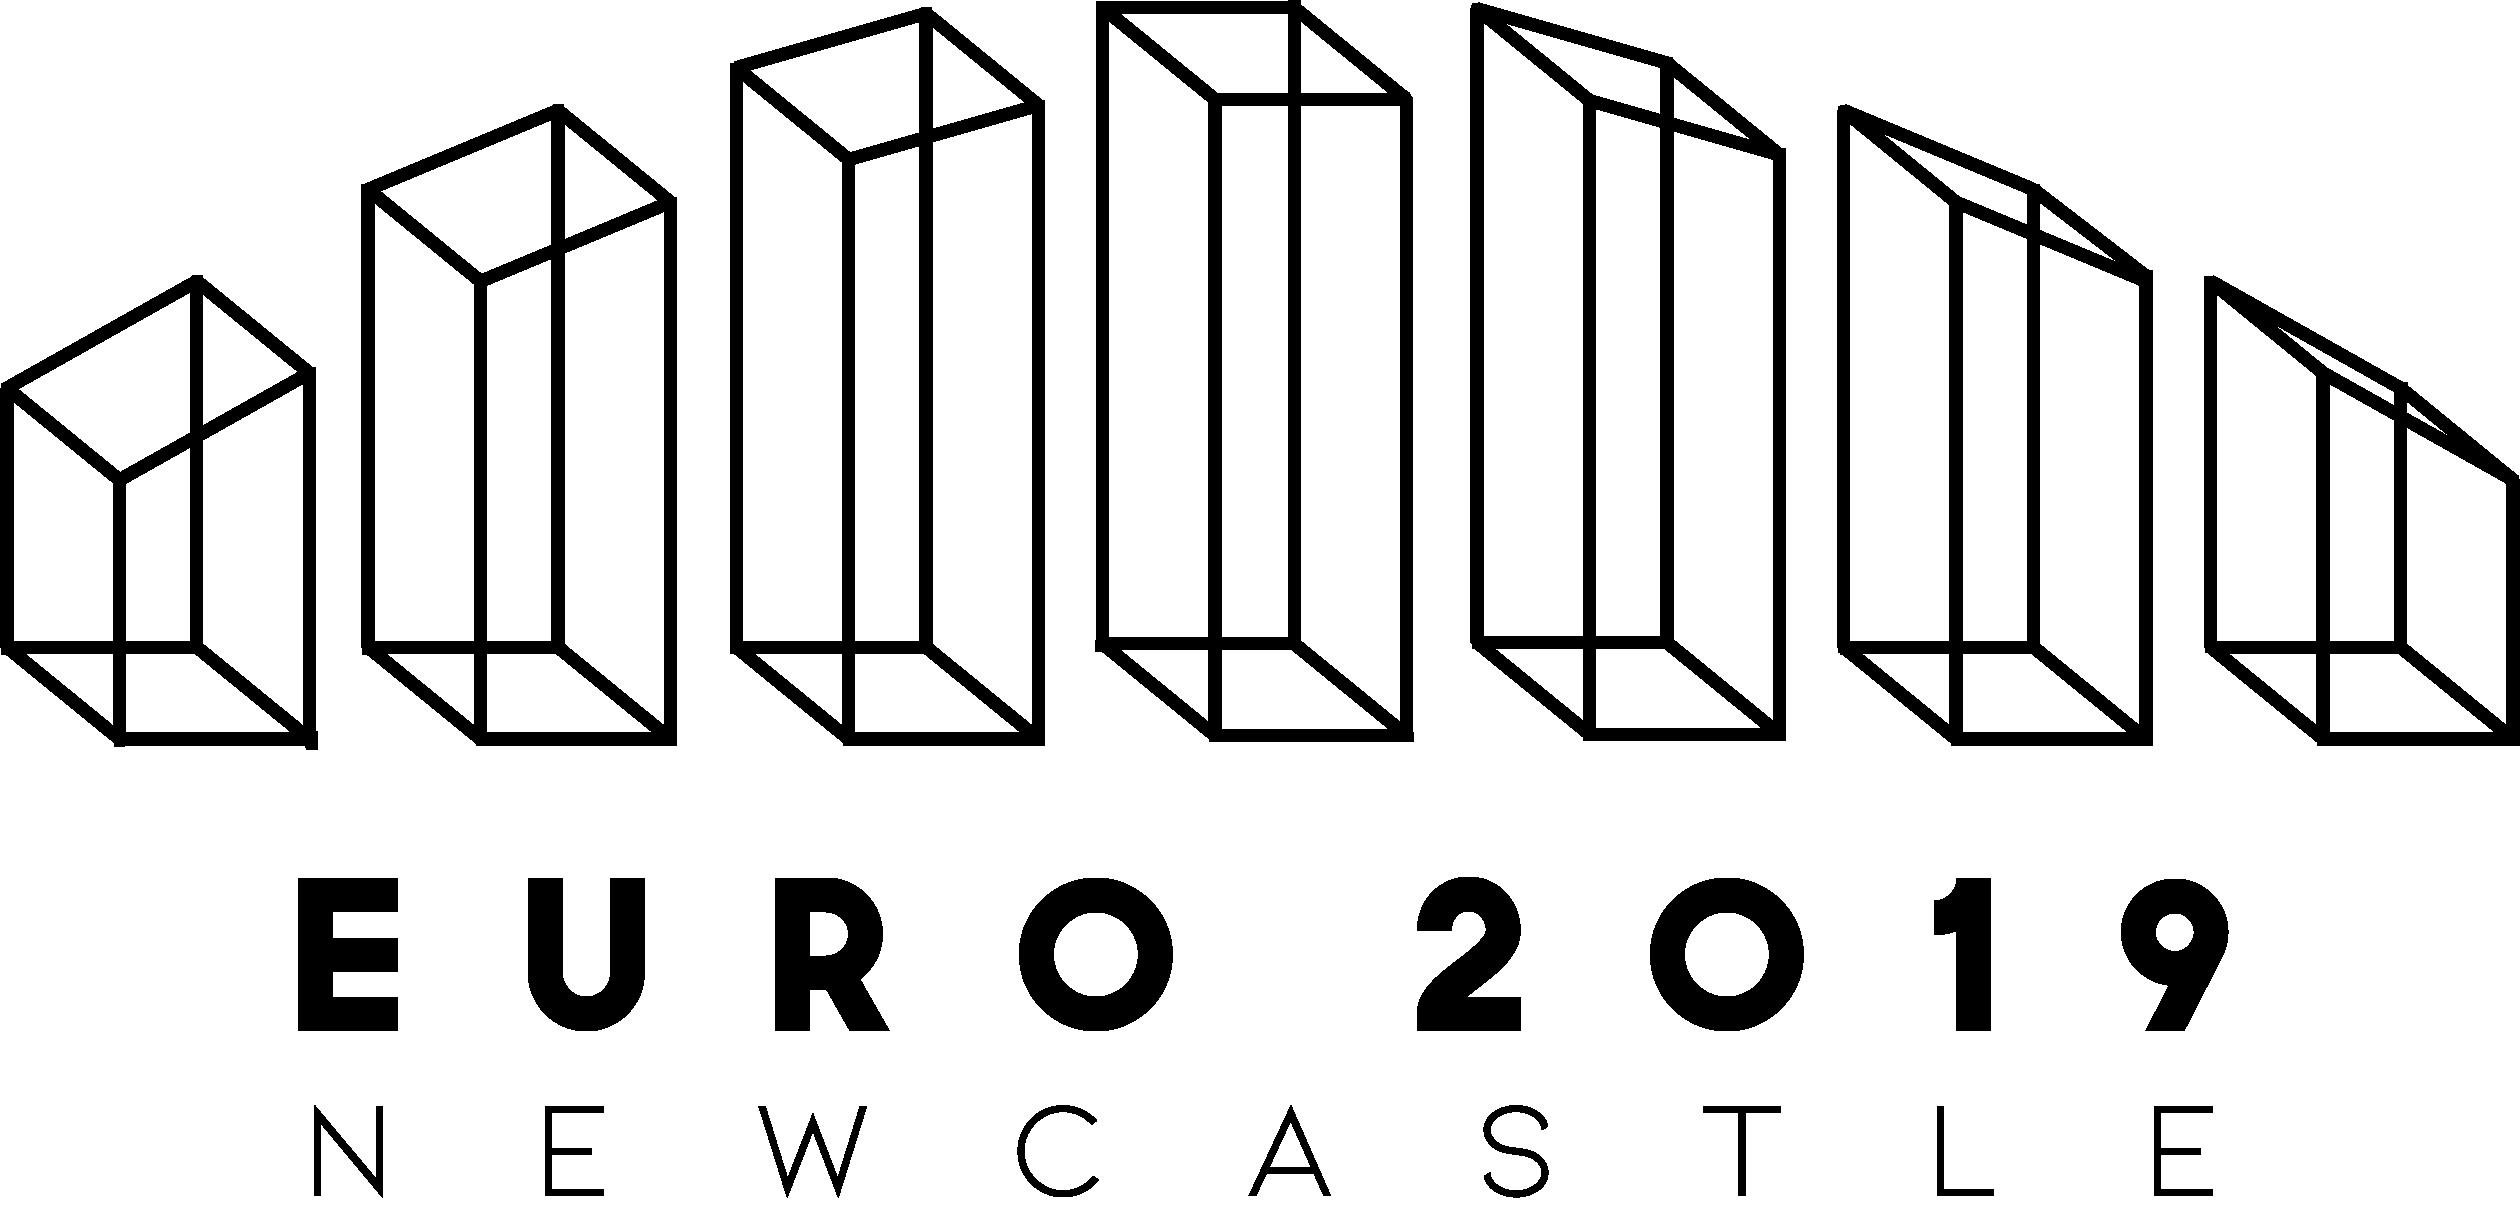 EUROS LOGO BLACK 2019